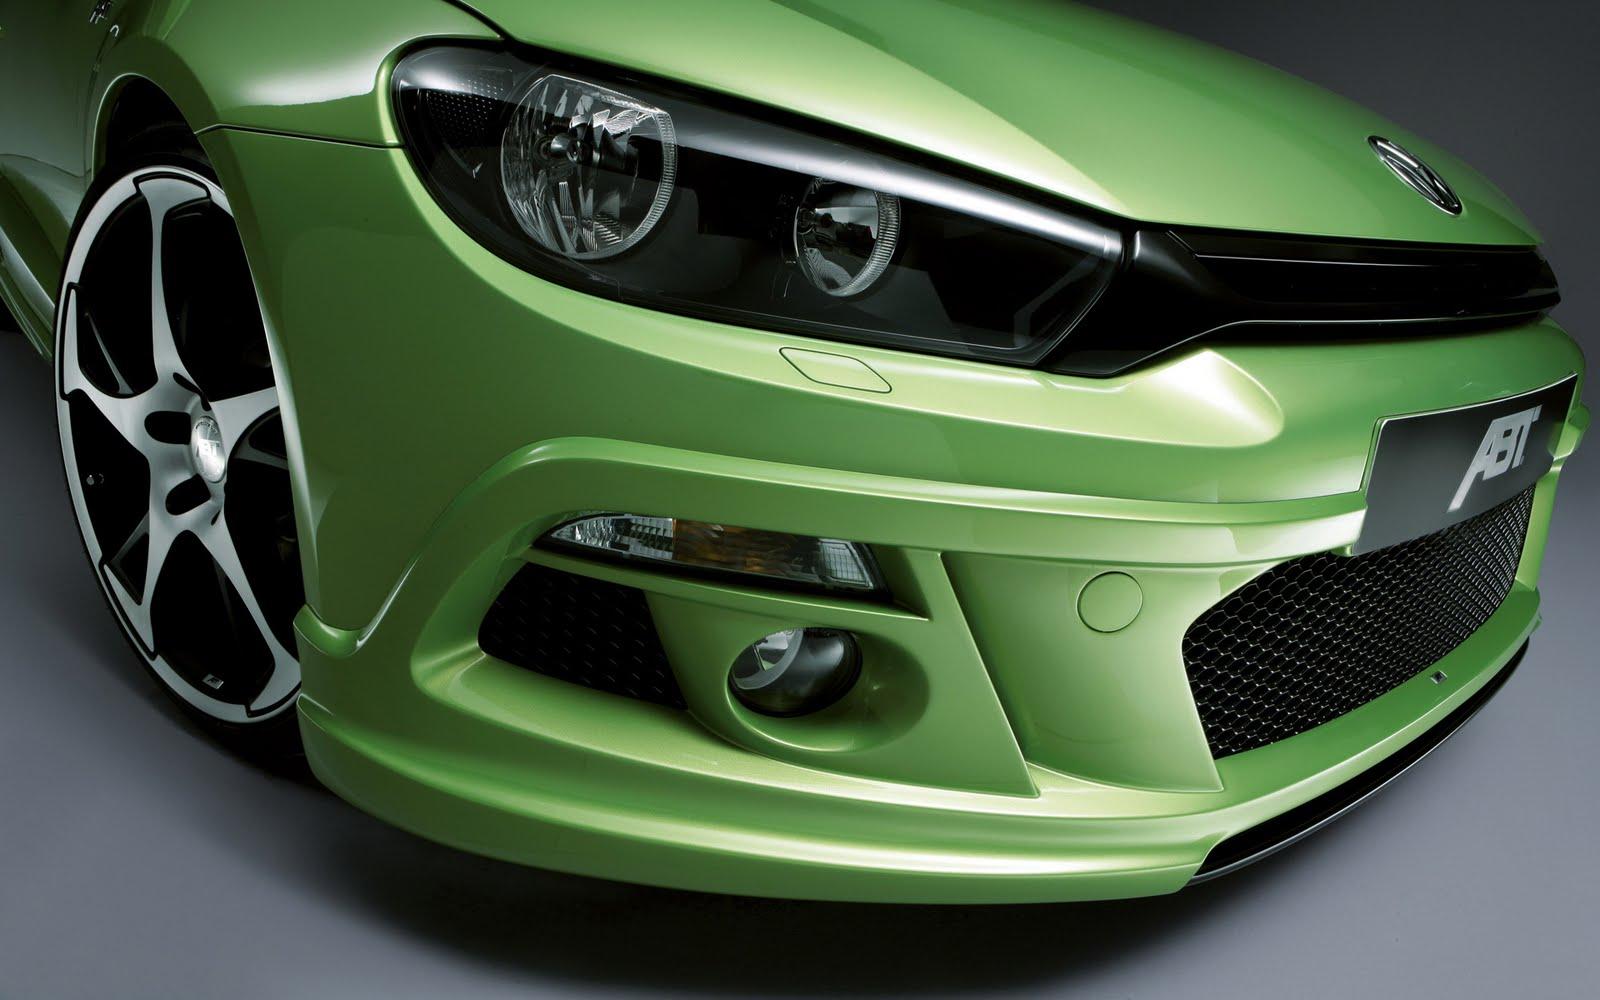 http://4.bp.blogspot.com/-8py3E2RsyEY/TbkC-hwrIzI/AAAAAAAACQA/lfei2_RAfmA/s1600/TheWallpaperDB.blogspot.com__+__Cars+%252838%2529.jpg